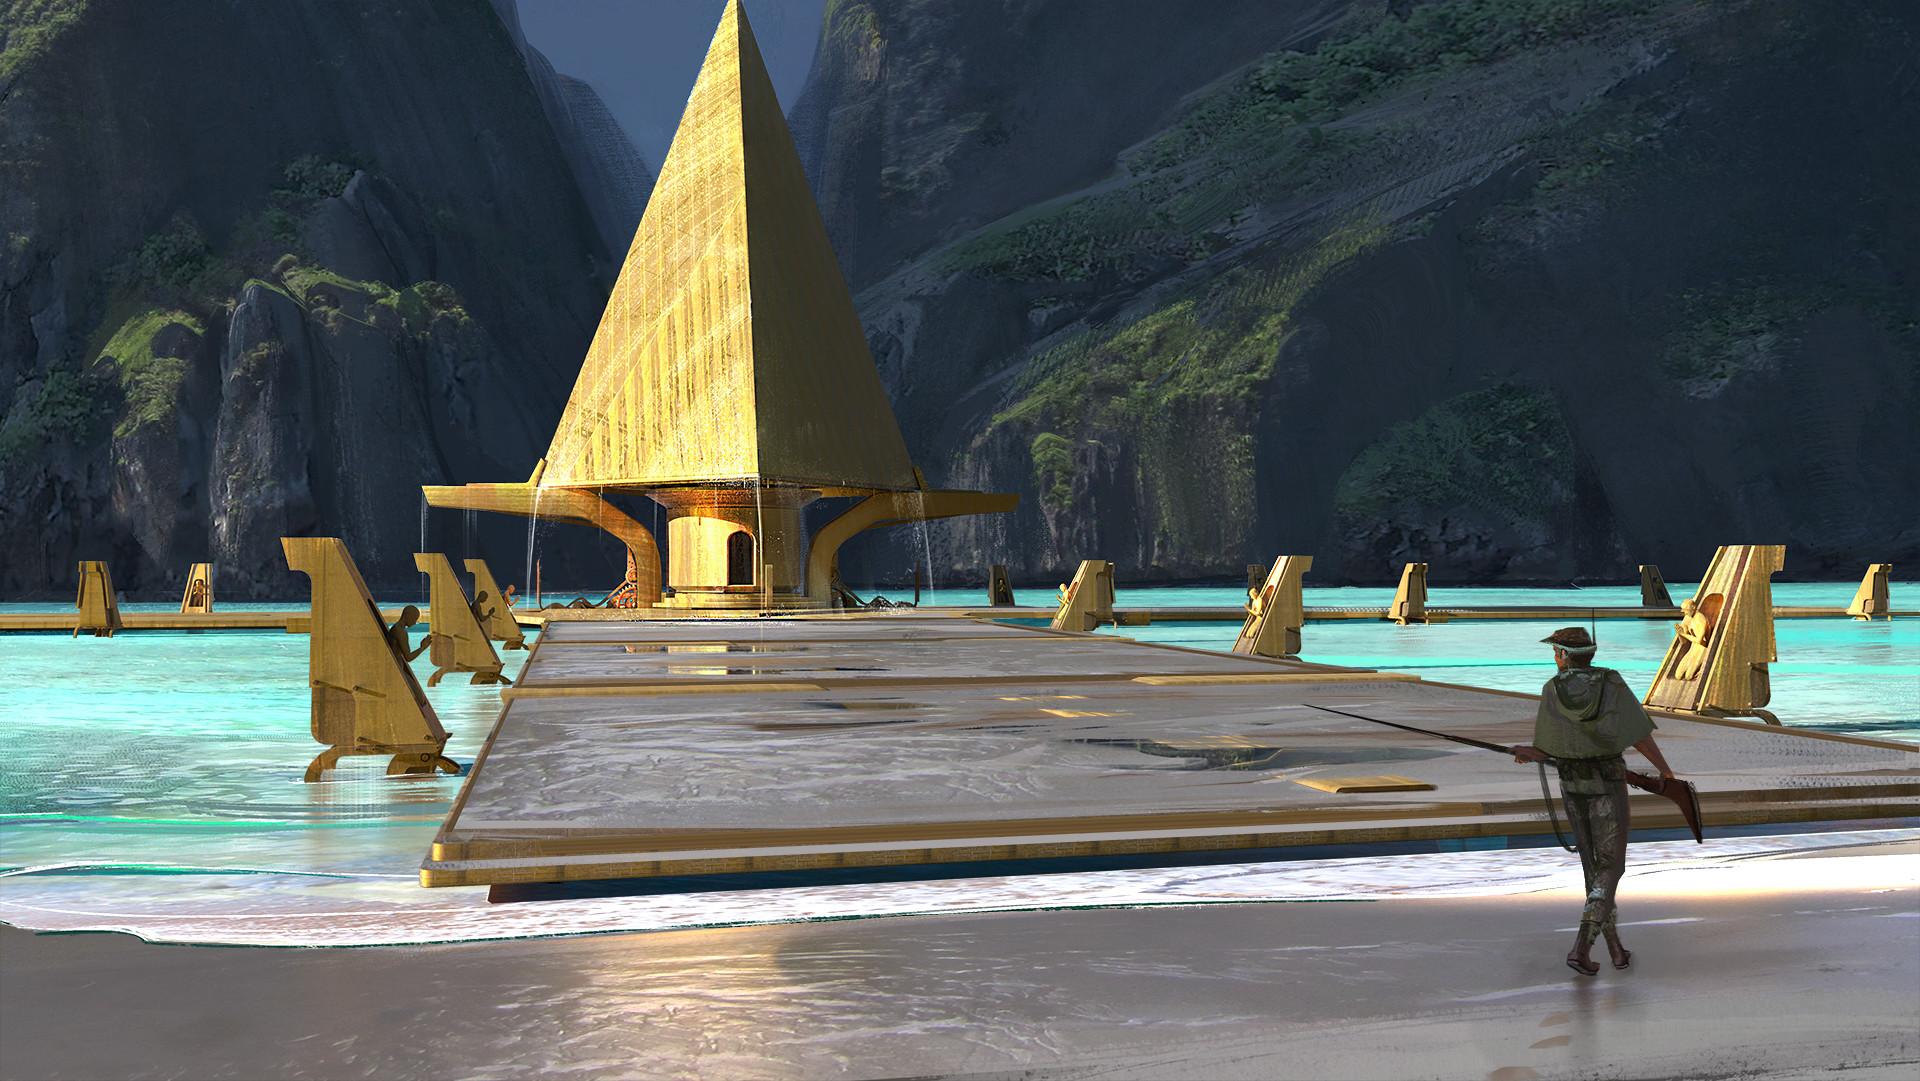 yoan-vernet-yoan-vernet-01-temple-entran